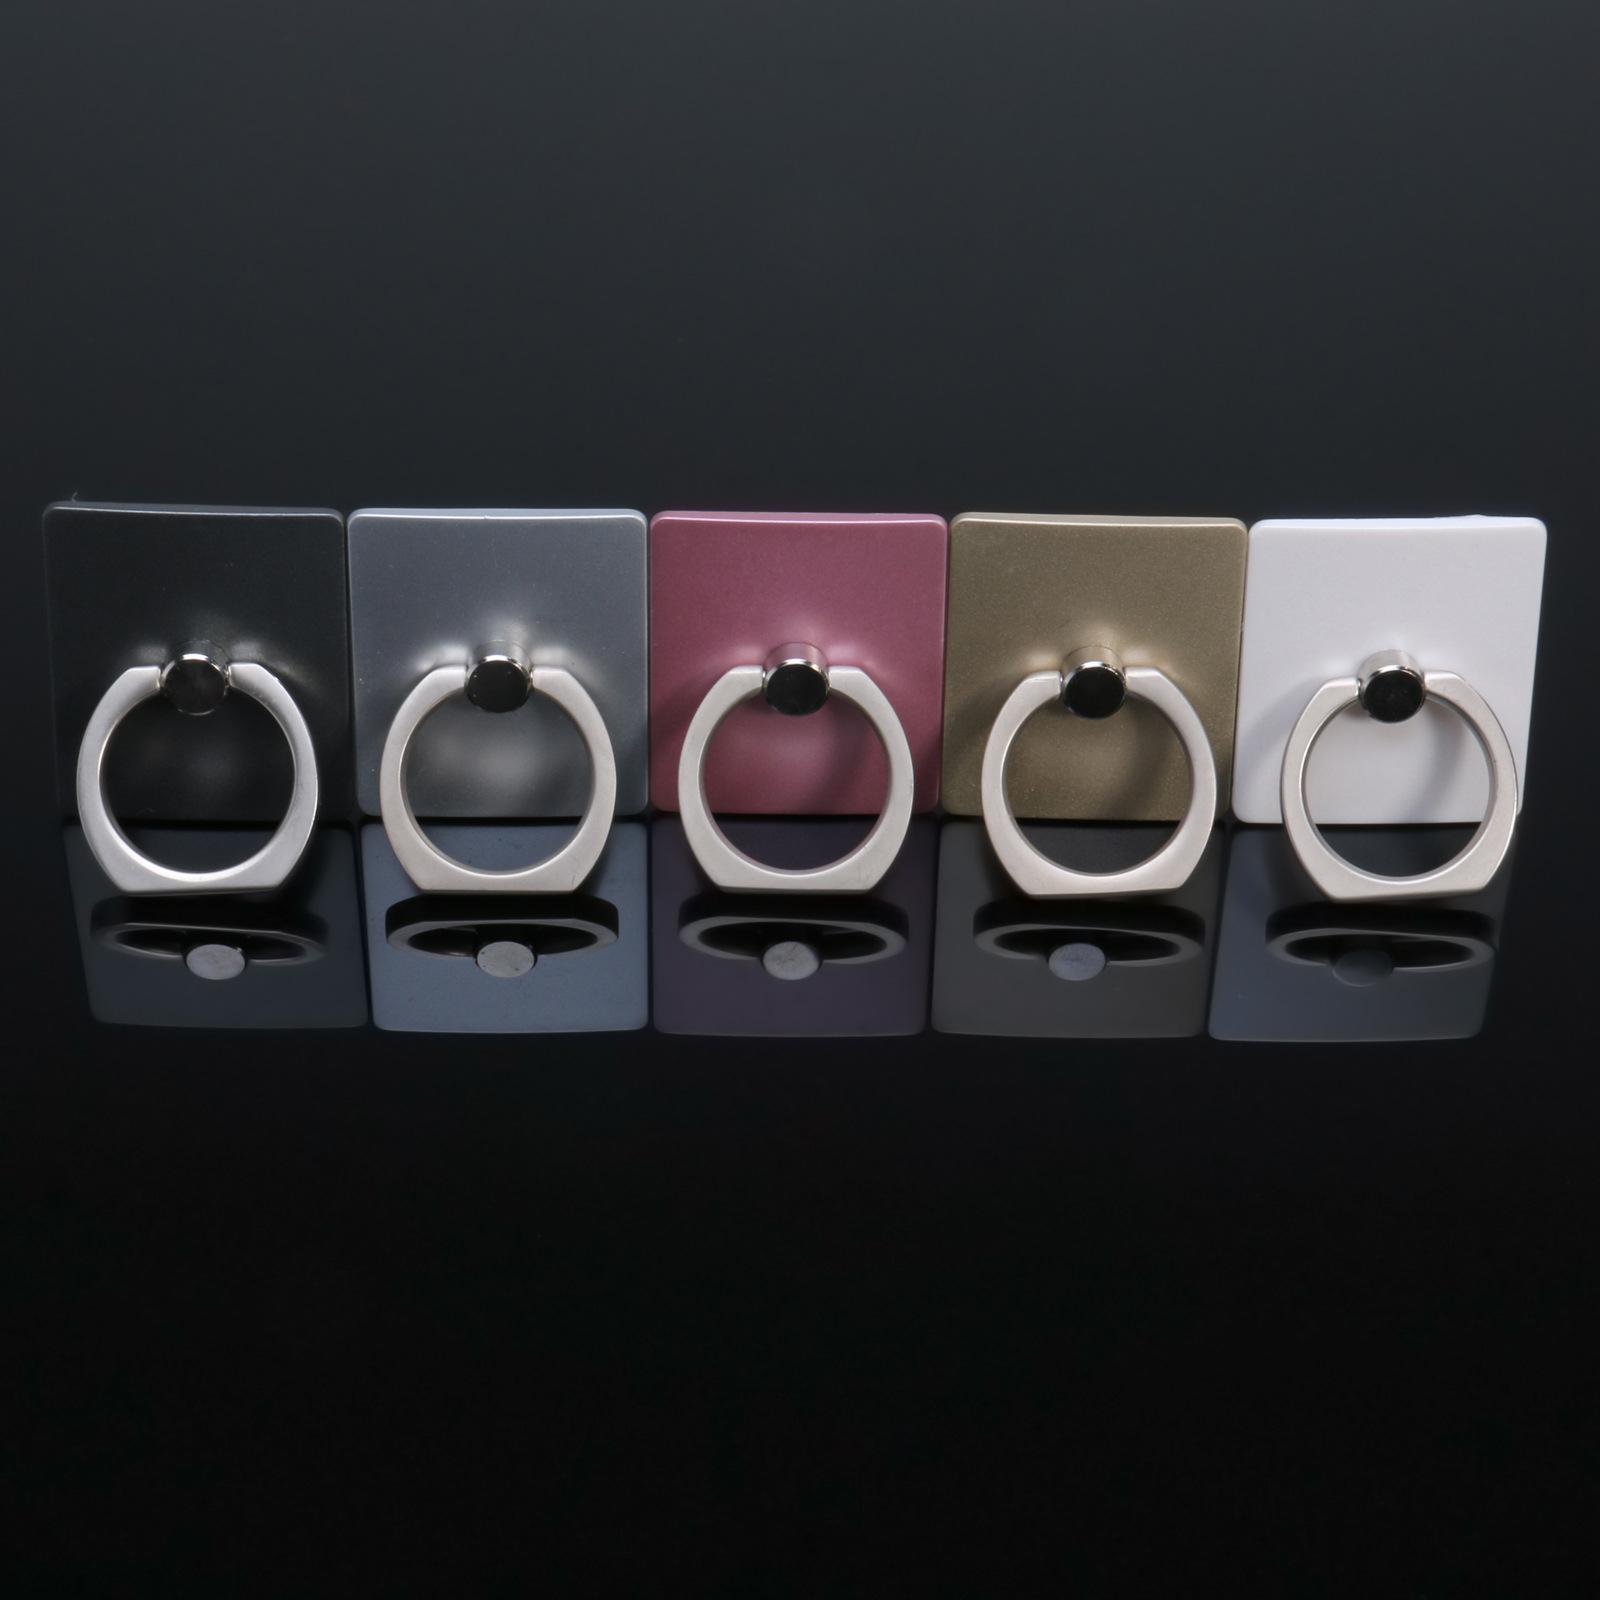 工厂直销通用IRING指环手机指环支架可 360deg旋转